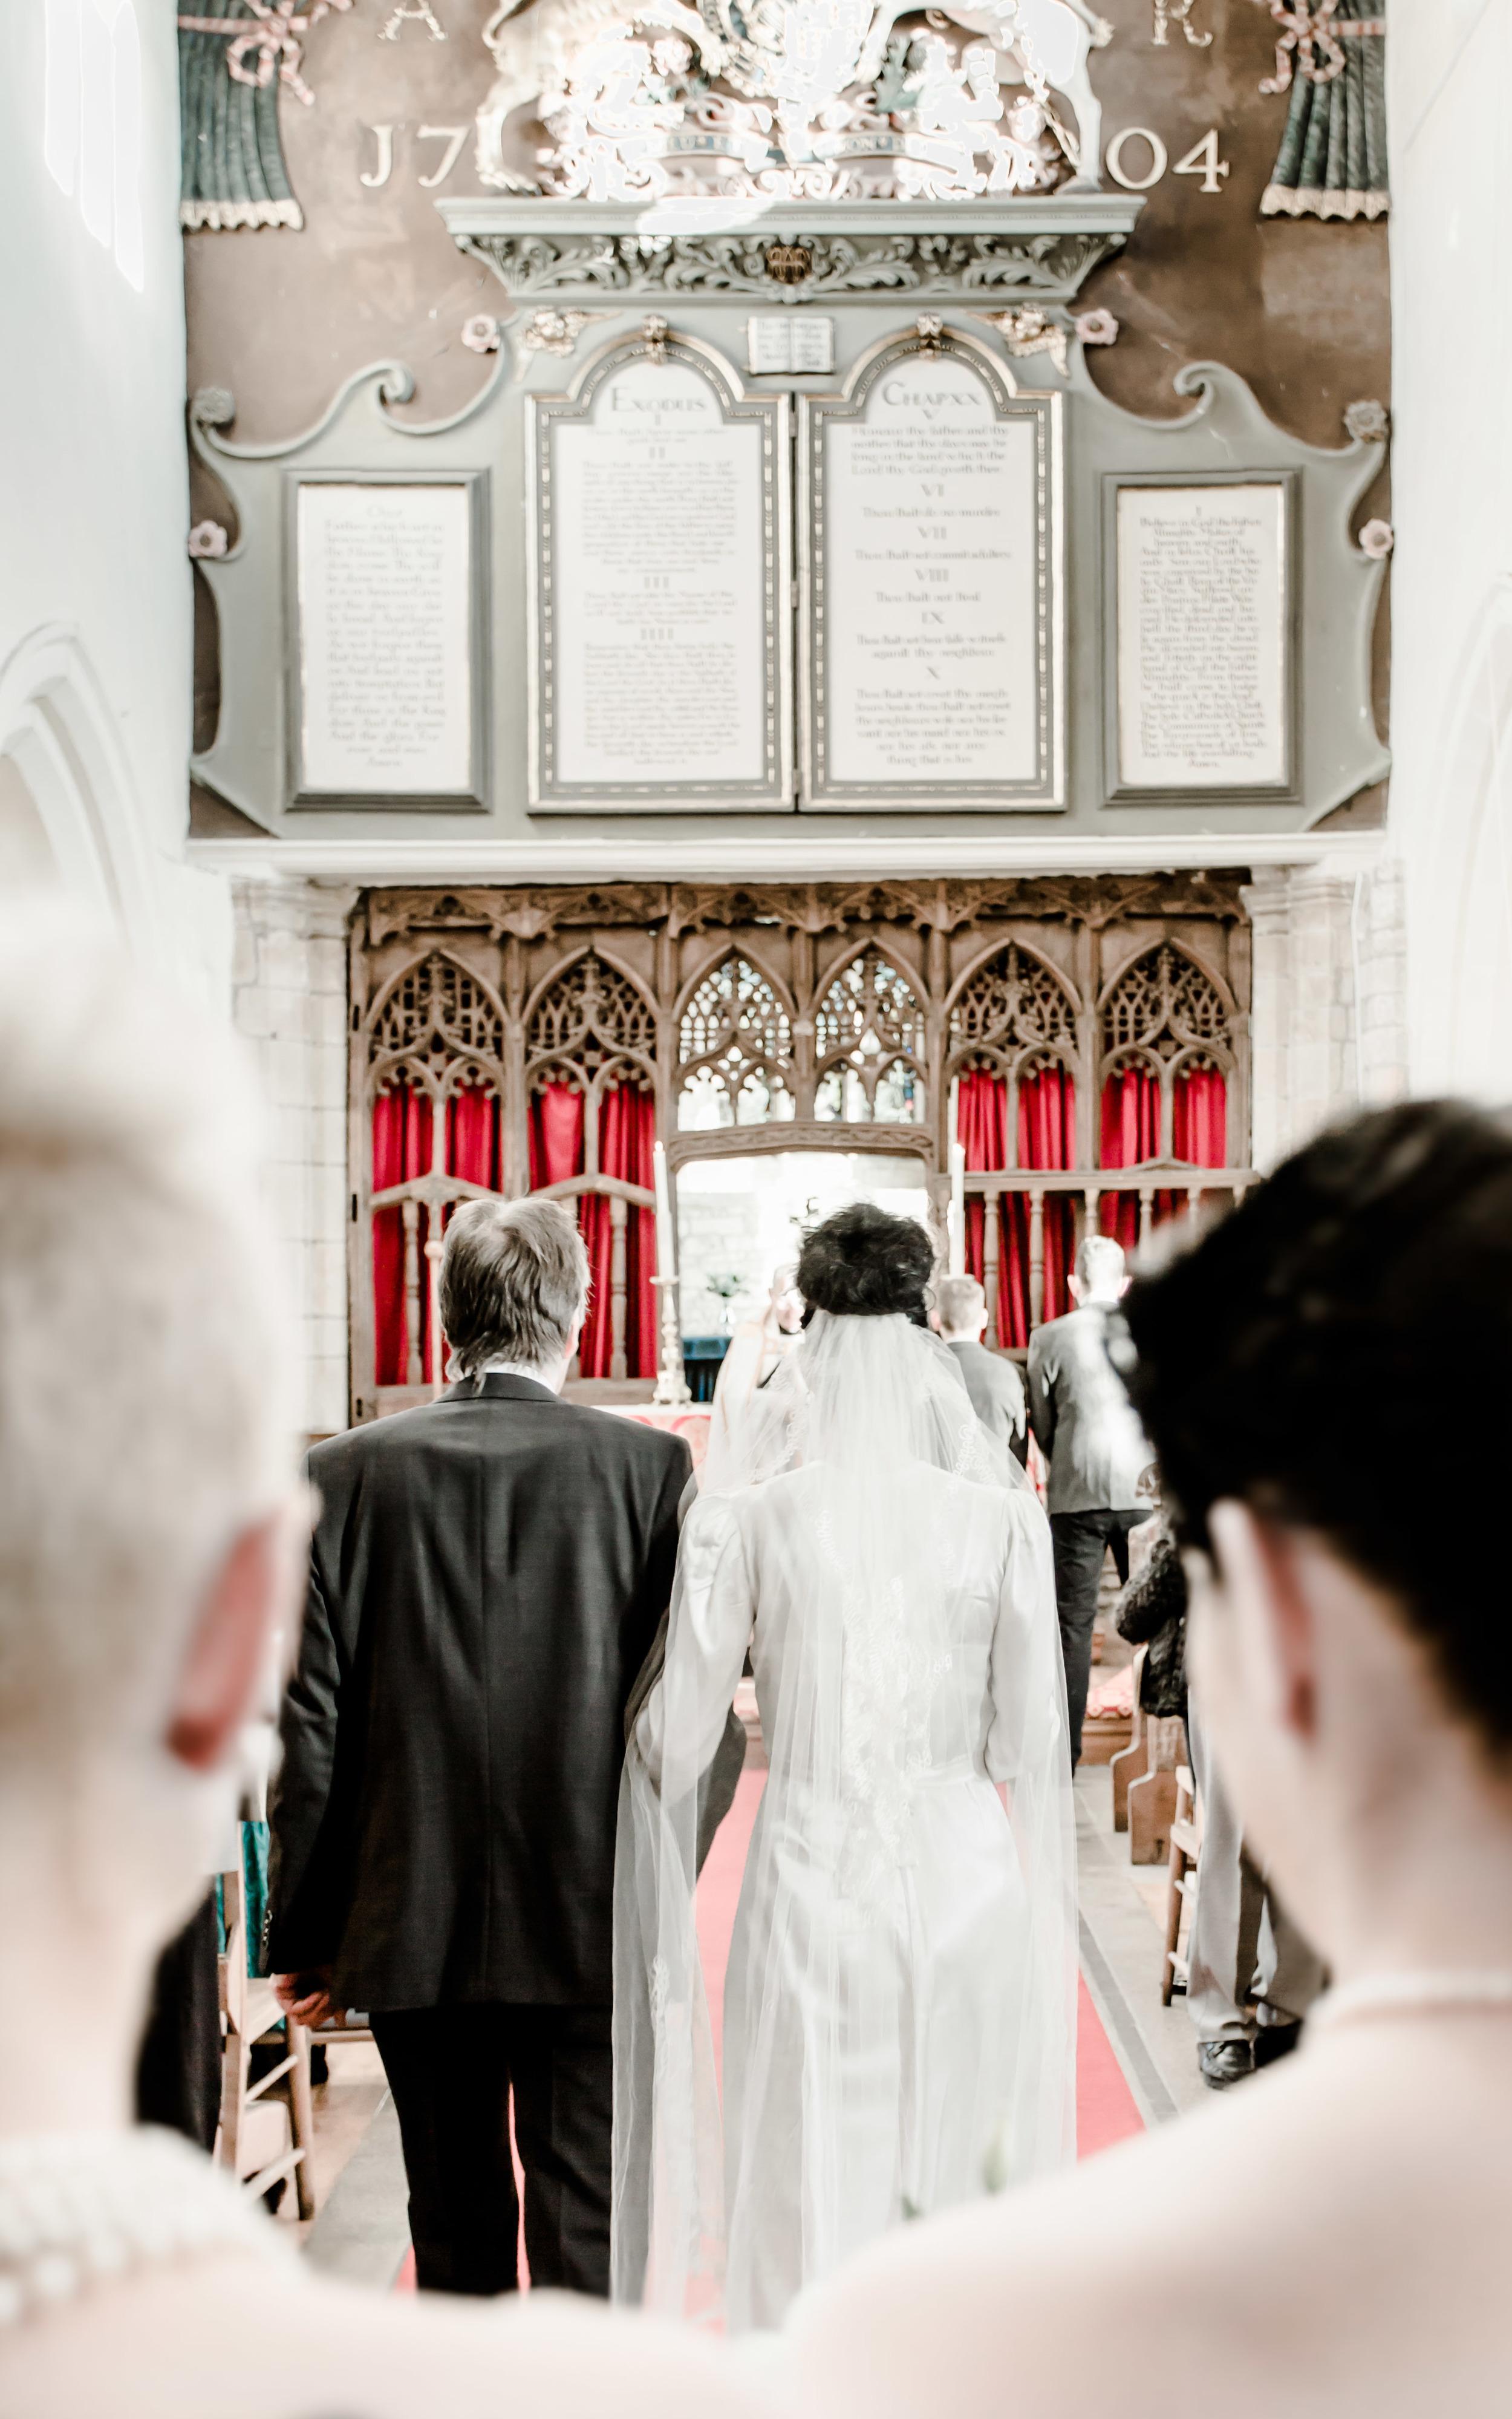 083 - Angela and Karls Wedding by www.markpugh.com -6659.jpg